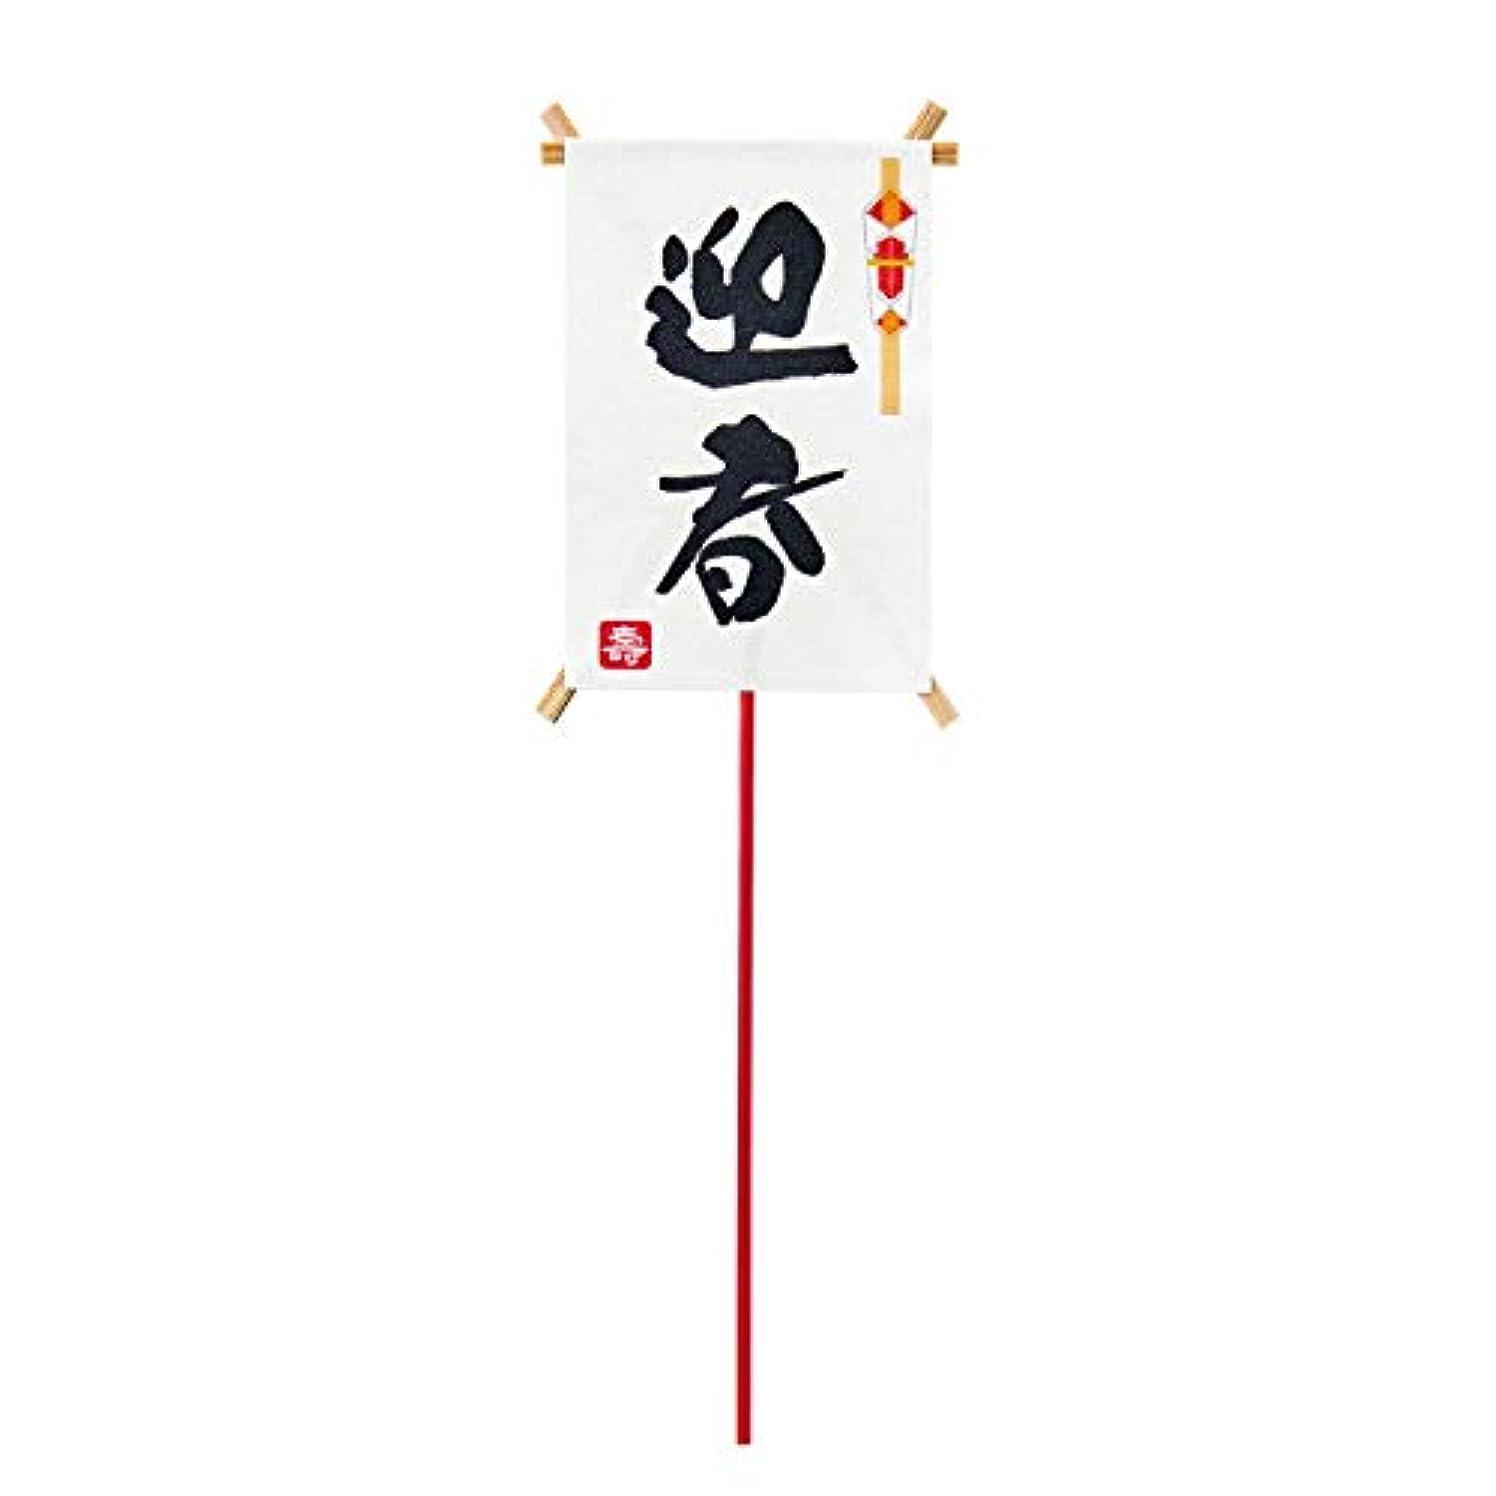 棚提唱する宗教的な迎春大凧ピック デコレーション素材 2本入 パーツ ピック JP001038 お正月